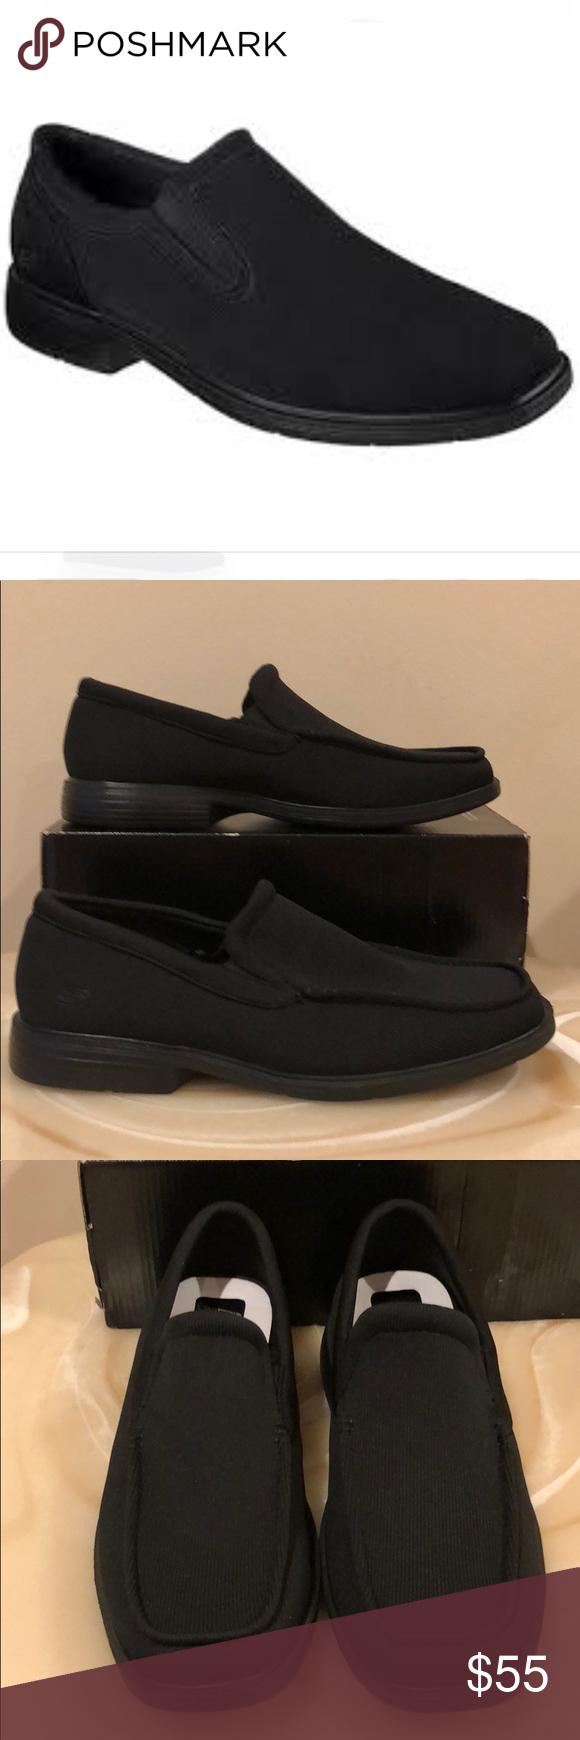 skechers dress shoes with memory foam